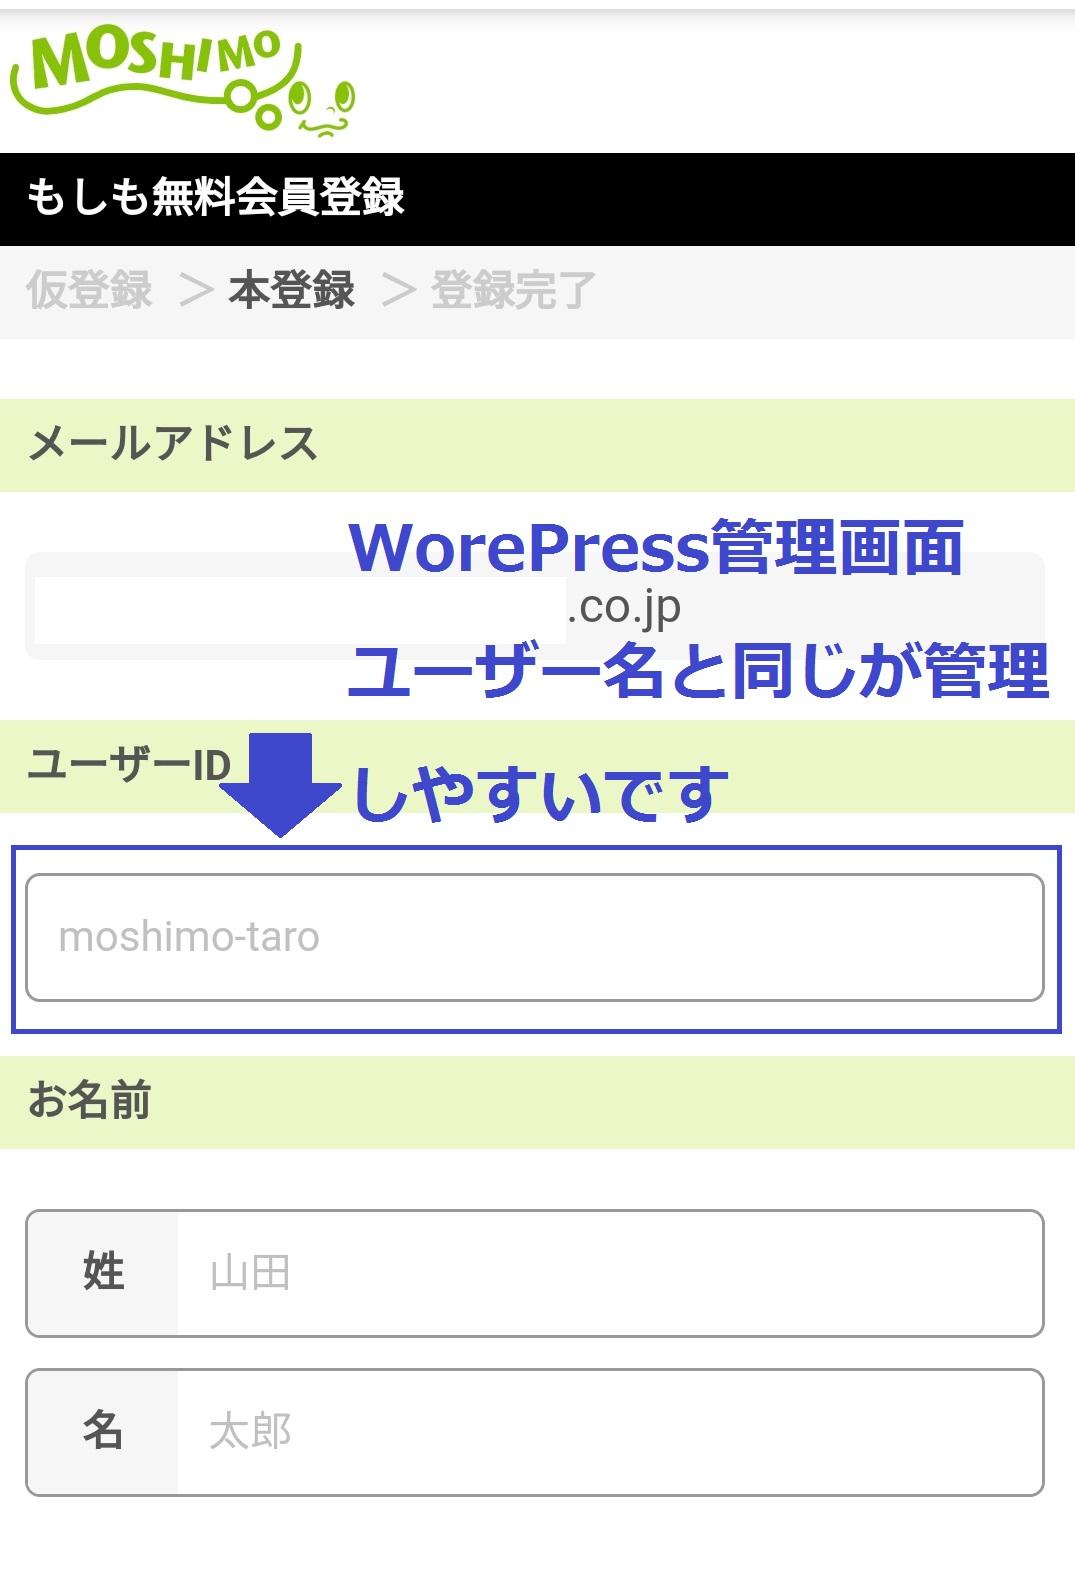 スマホでブログの始め方を説明するもしもアフィリエイトの本登録情報の入力